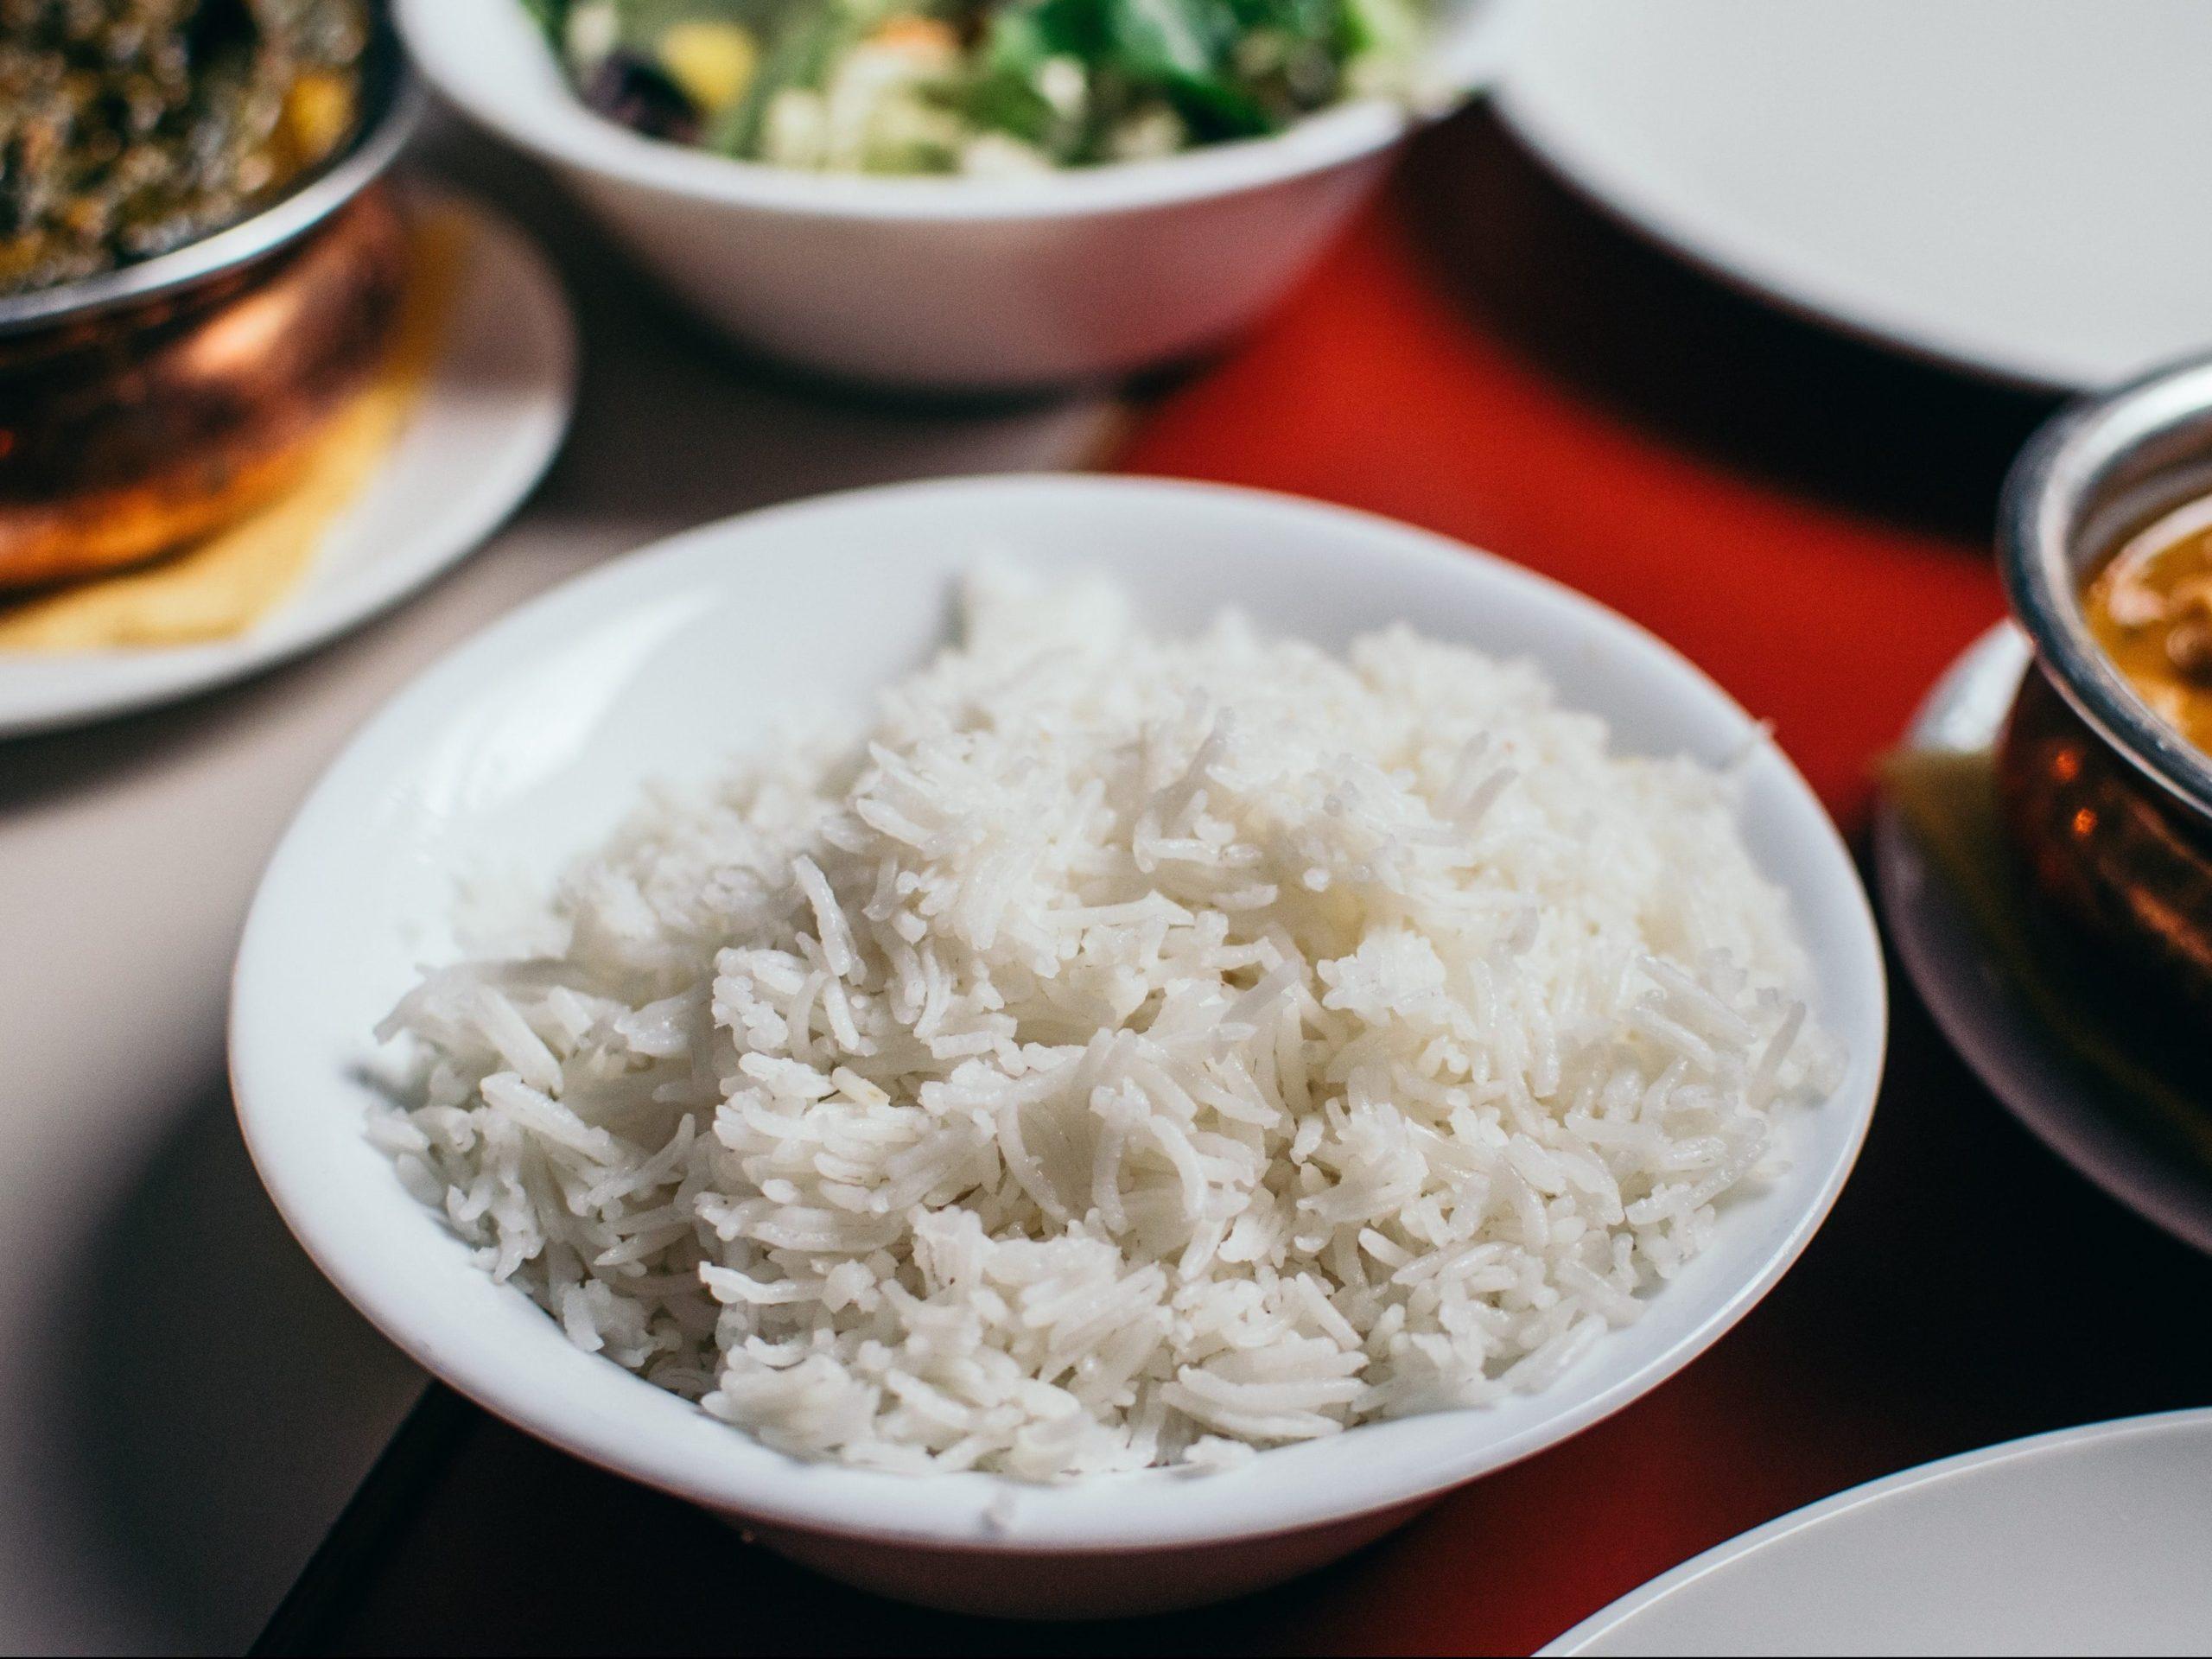 هل تعرف عدد السعرات الحرارية في هذه الأطعمة؟ معلومات عامة